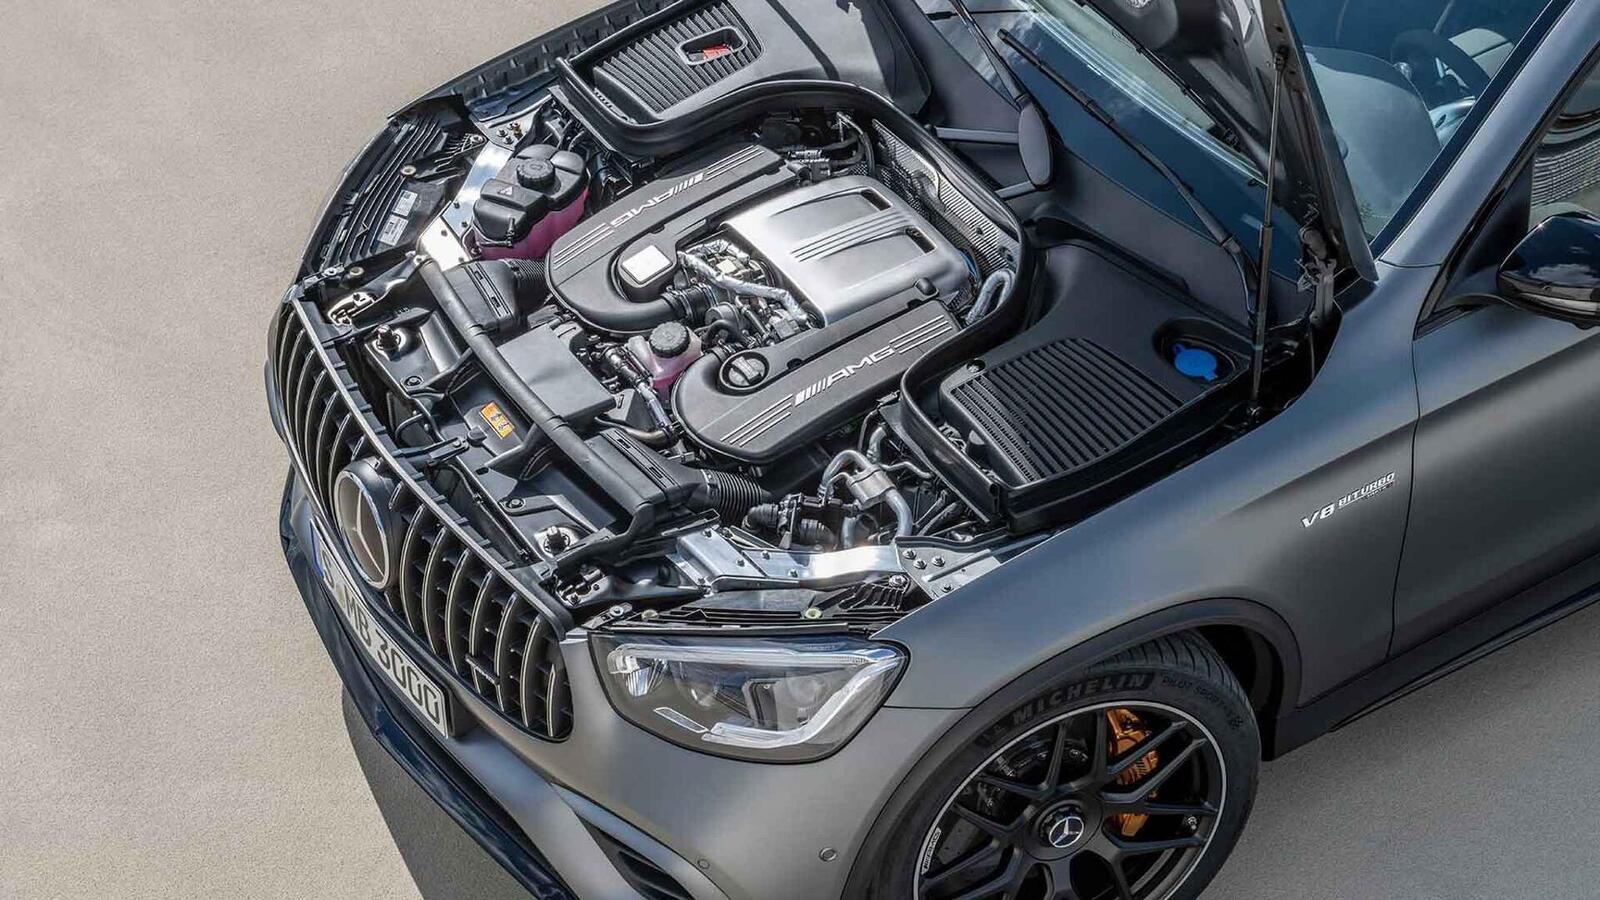 Mercedes-AMG giới thiệu GLC và GLC Coupe 63 mới lắp động cơ V8 4.0L Biturbo mạnh hơn 460 mã lực - Hình 29